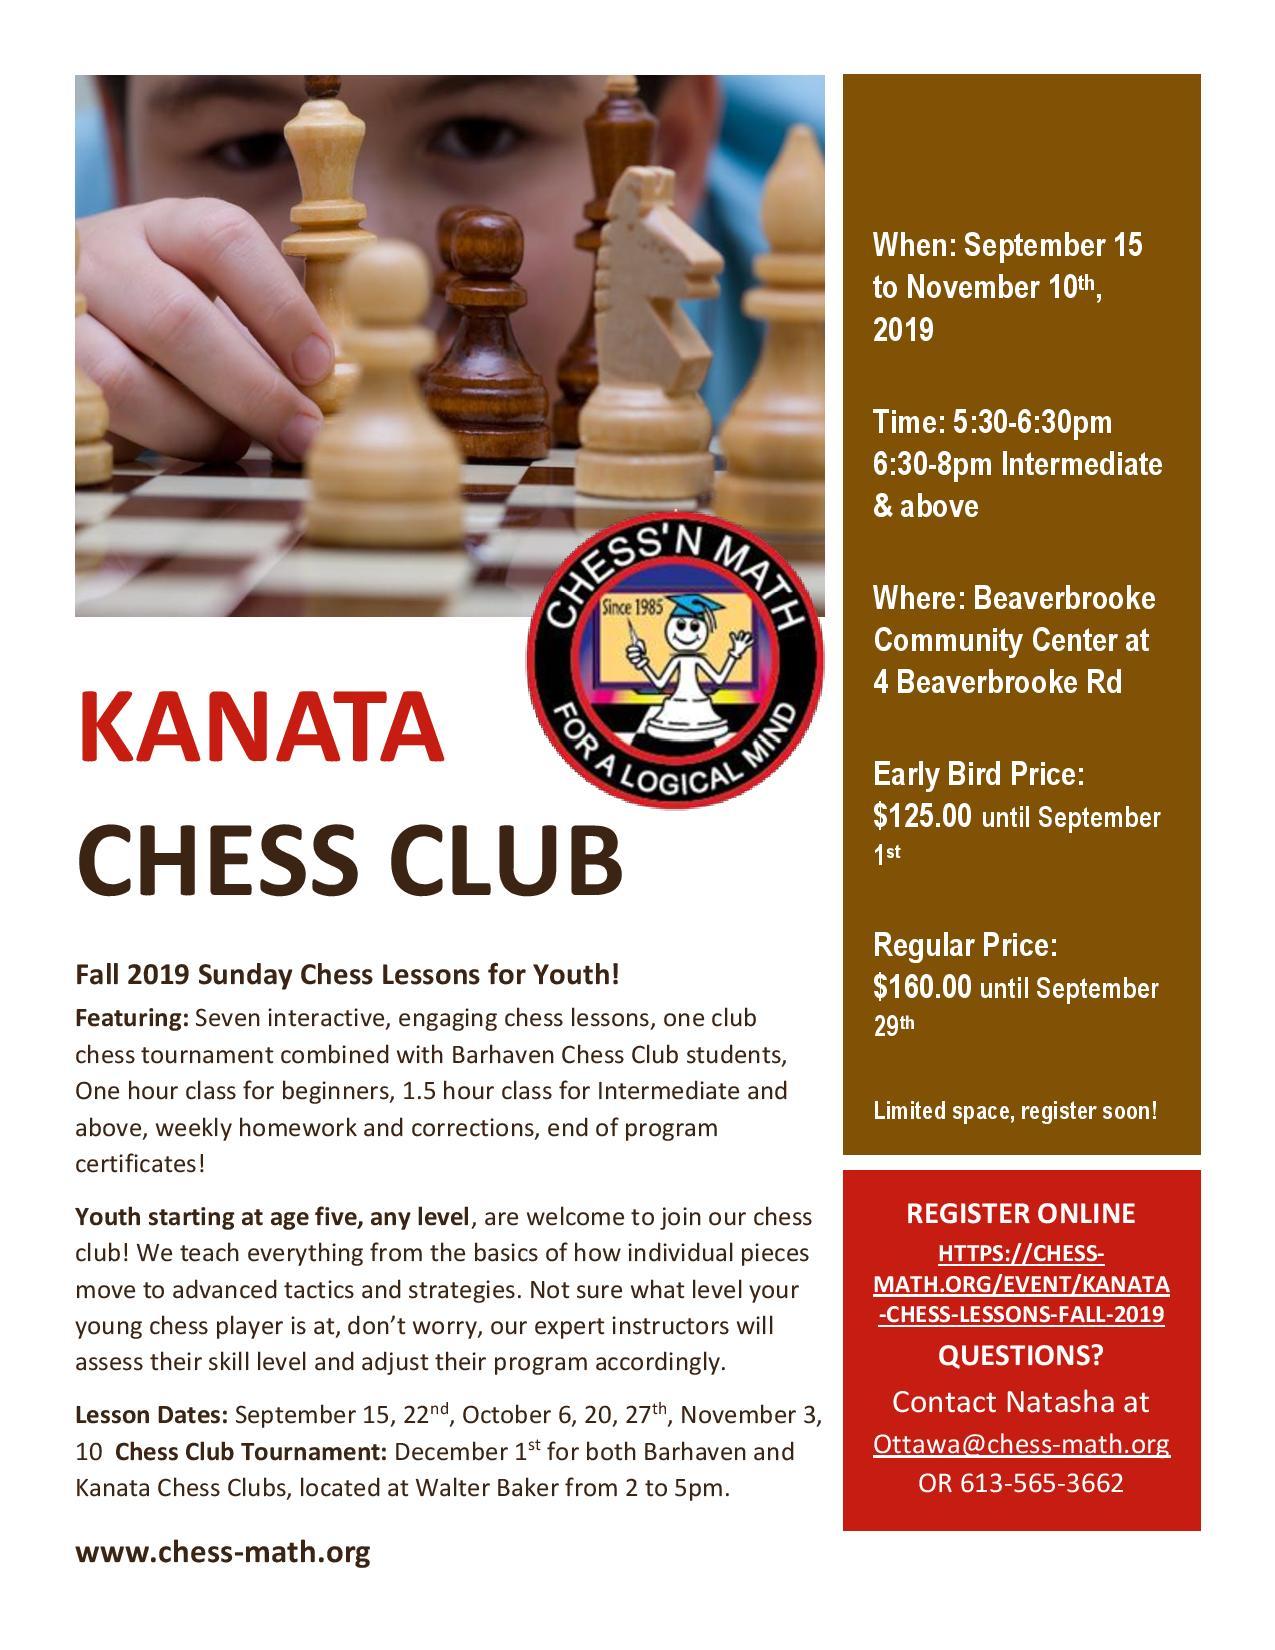 Kanata Chess Club Fall 2019